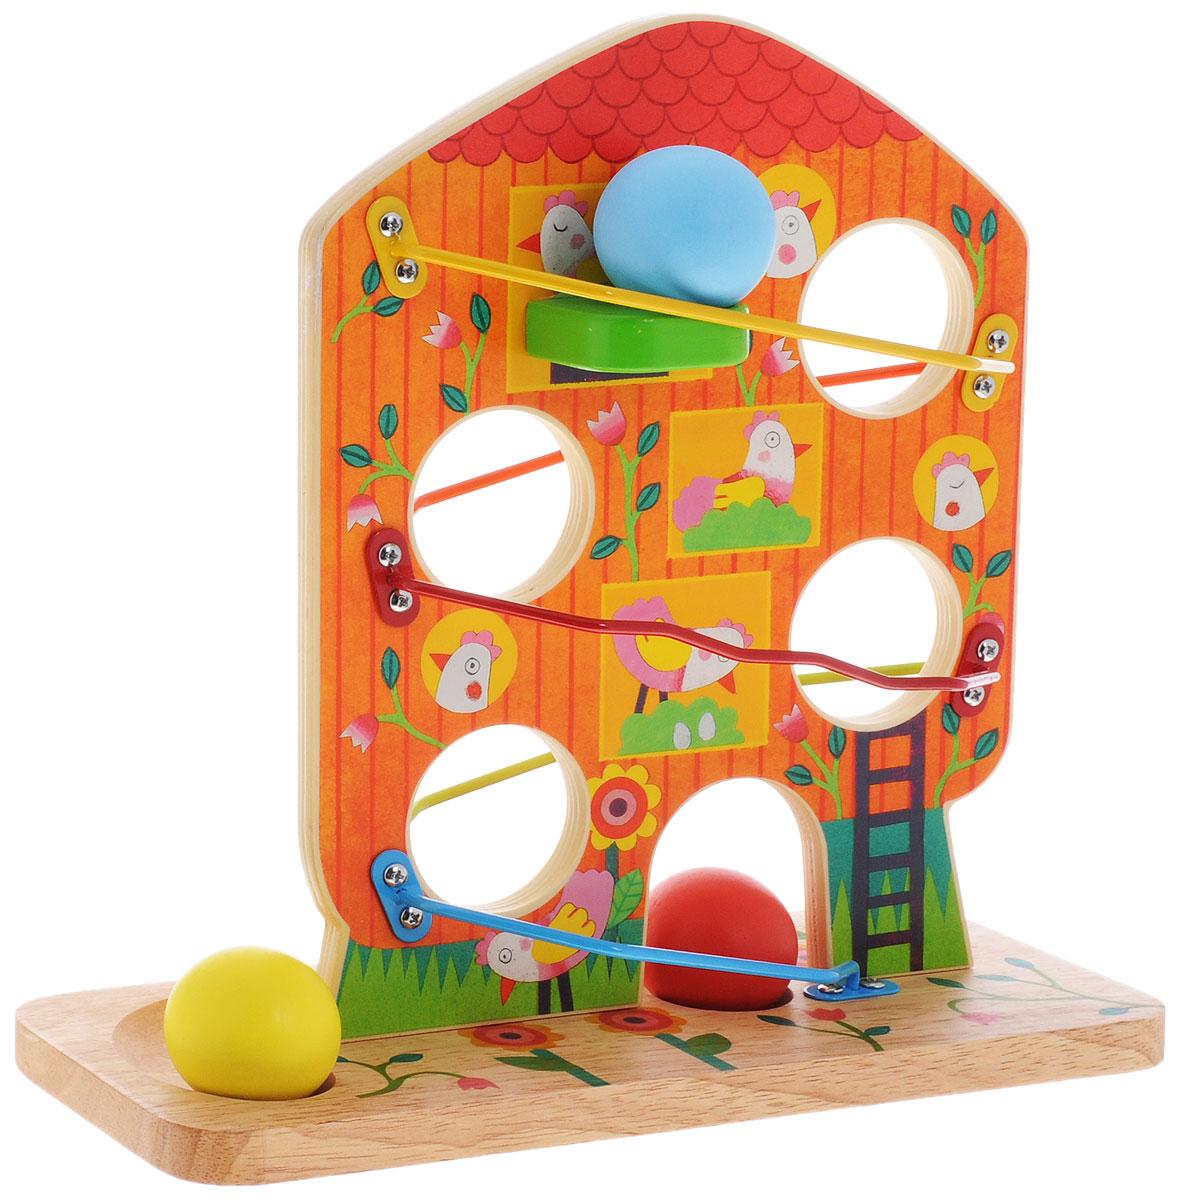 Djeco Развивающая игрушка Кугельбан Птичий дом06426Развивающая игрушка Djeco Кугельбан. Птичий дом поможет ребенку сформировать понимание о формах и объемах, а также станет прекрасным набором для развития логики и внимания. Игра состоит из деревянной основы в виде дерева с отверстиями. Вдоль кроны дерева имеются металлические направляющие, по которым будут двигаться шарики. Забавные курочки на дереве порадуют малыша и сделают игру интересной. В процессе игры у ребенка прекрасно развивается логика и сообразительность, формируется понимание форм и объемов. Все детали игрушки абсолютно безопасны для детей и изготовлены из высококачественных материалов.